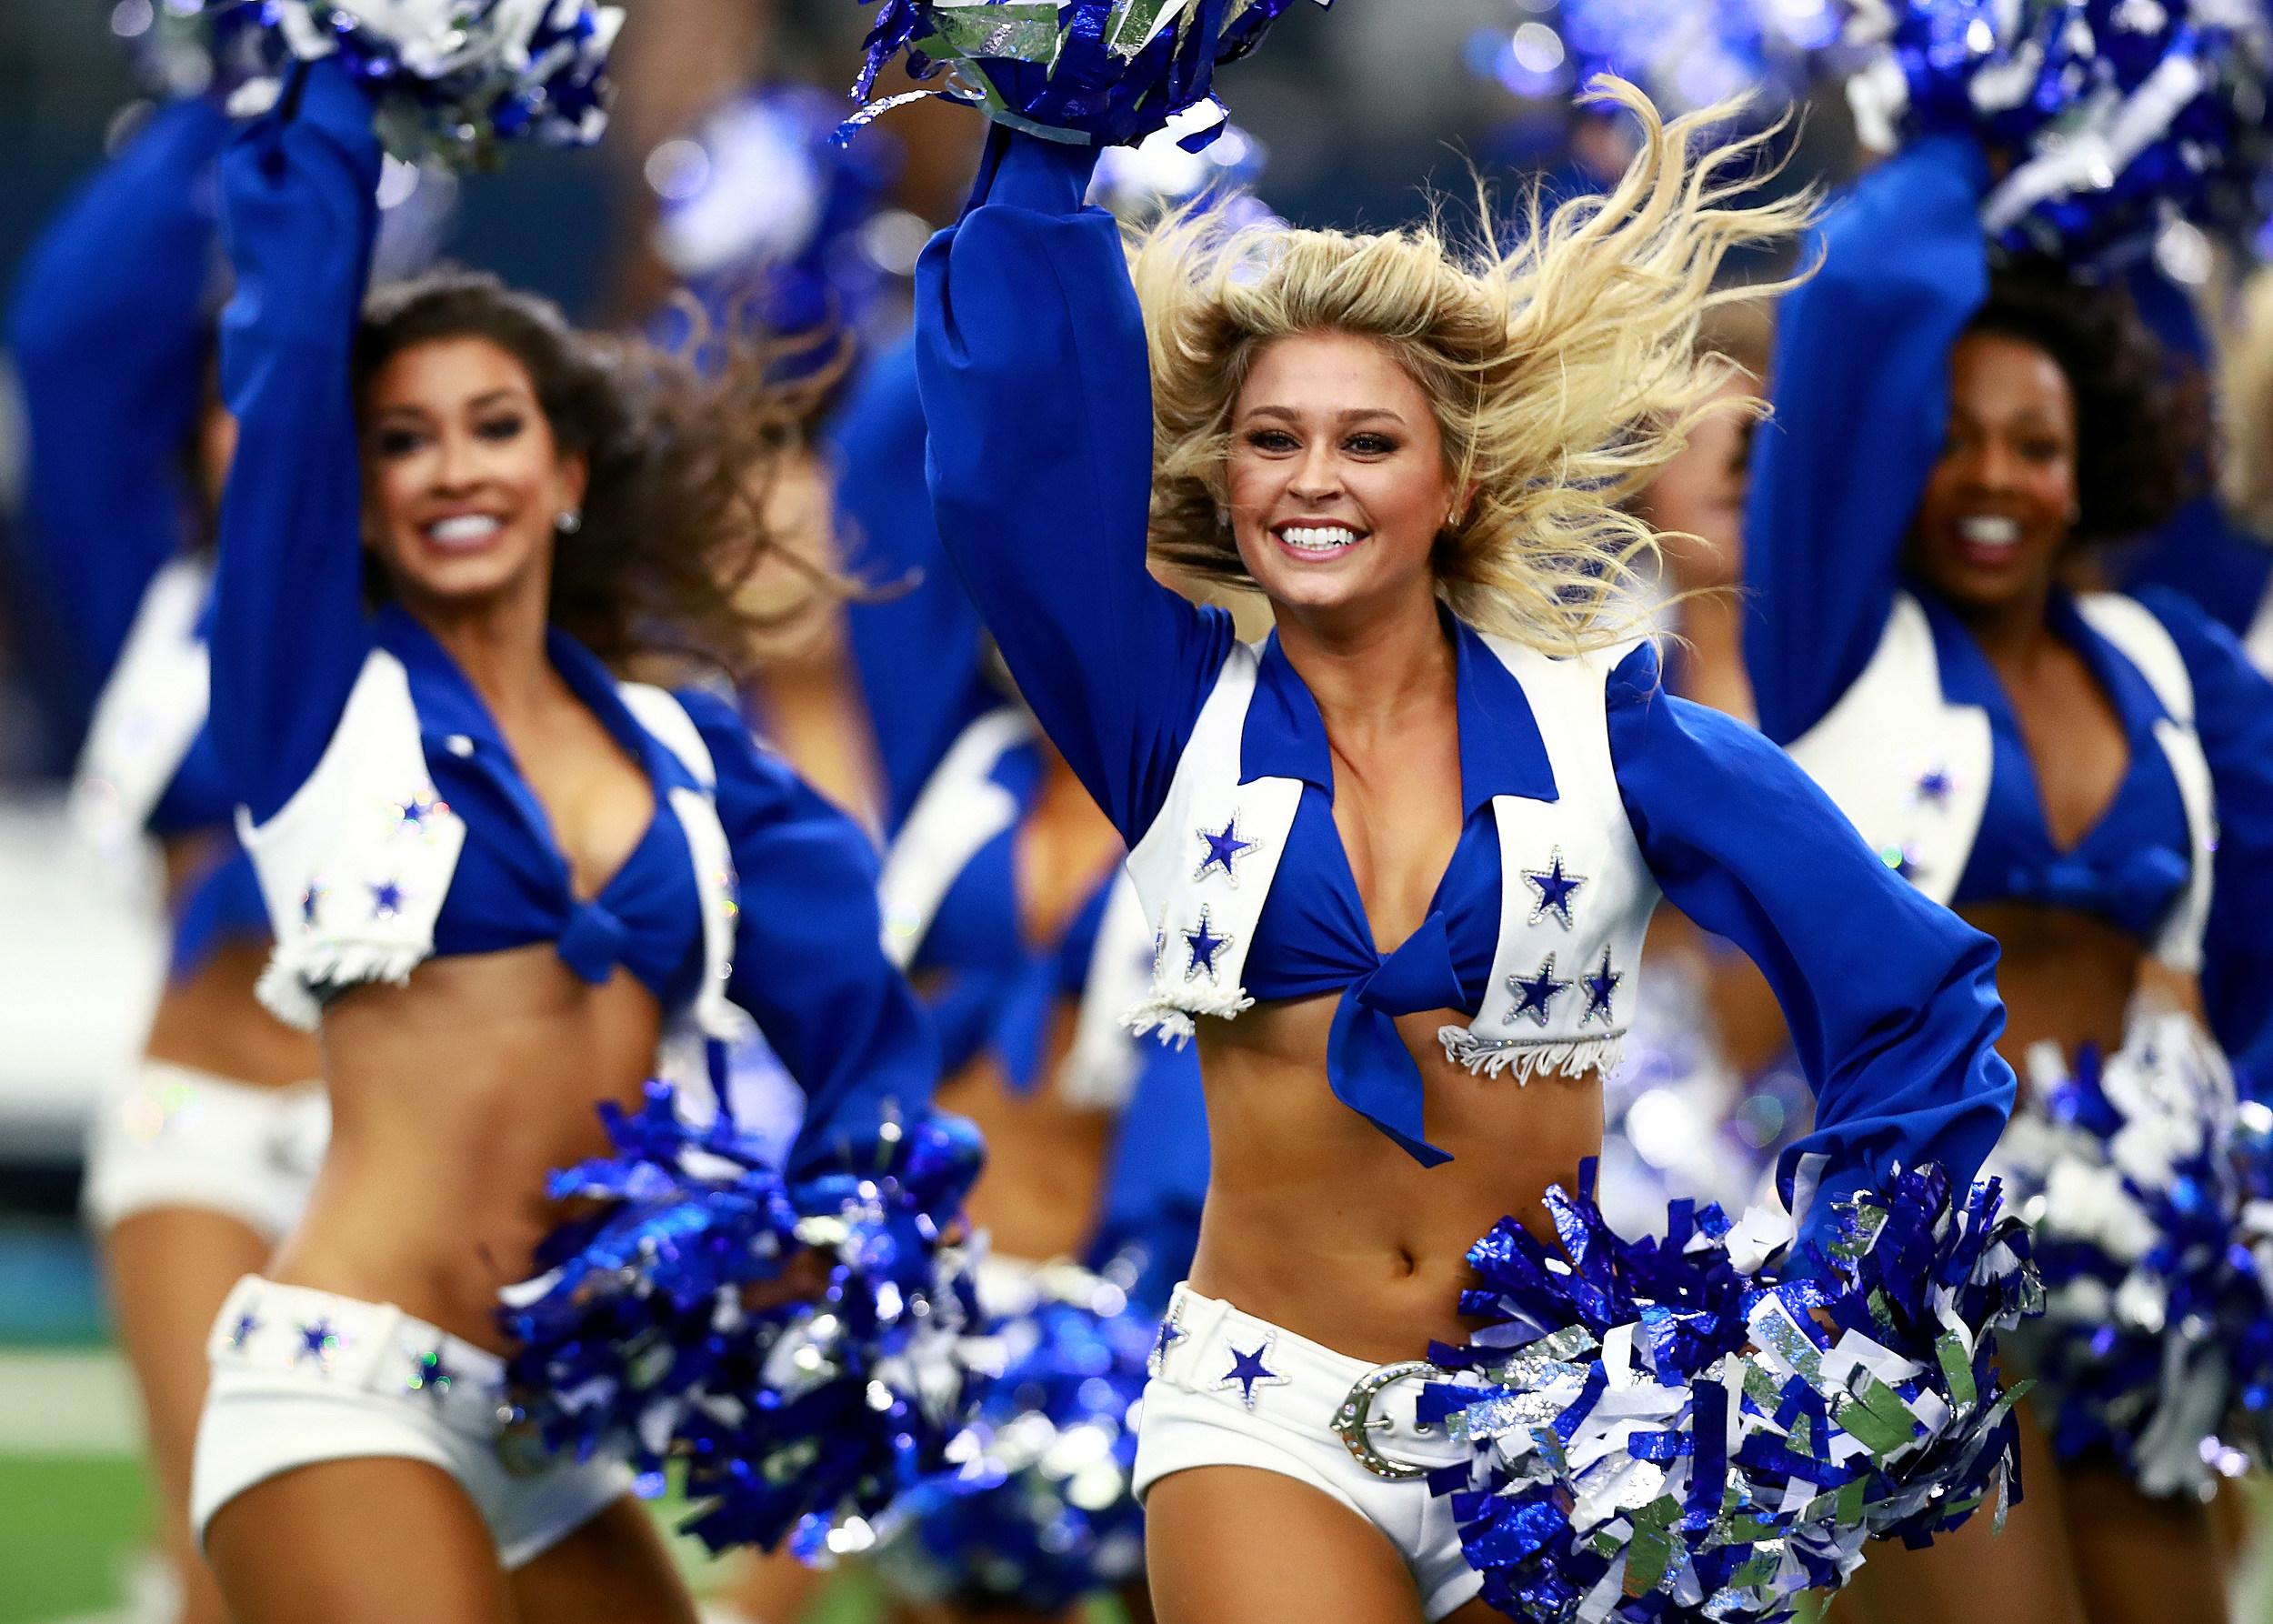 d85b6ba6cd3 Why Aren t Cheerleaders Kneeling with the NFL